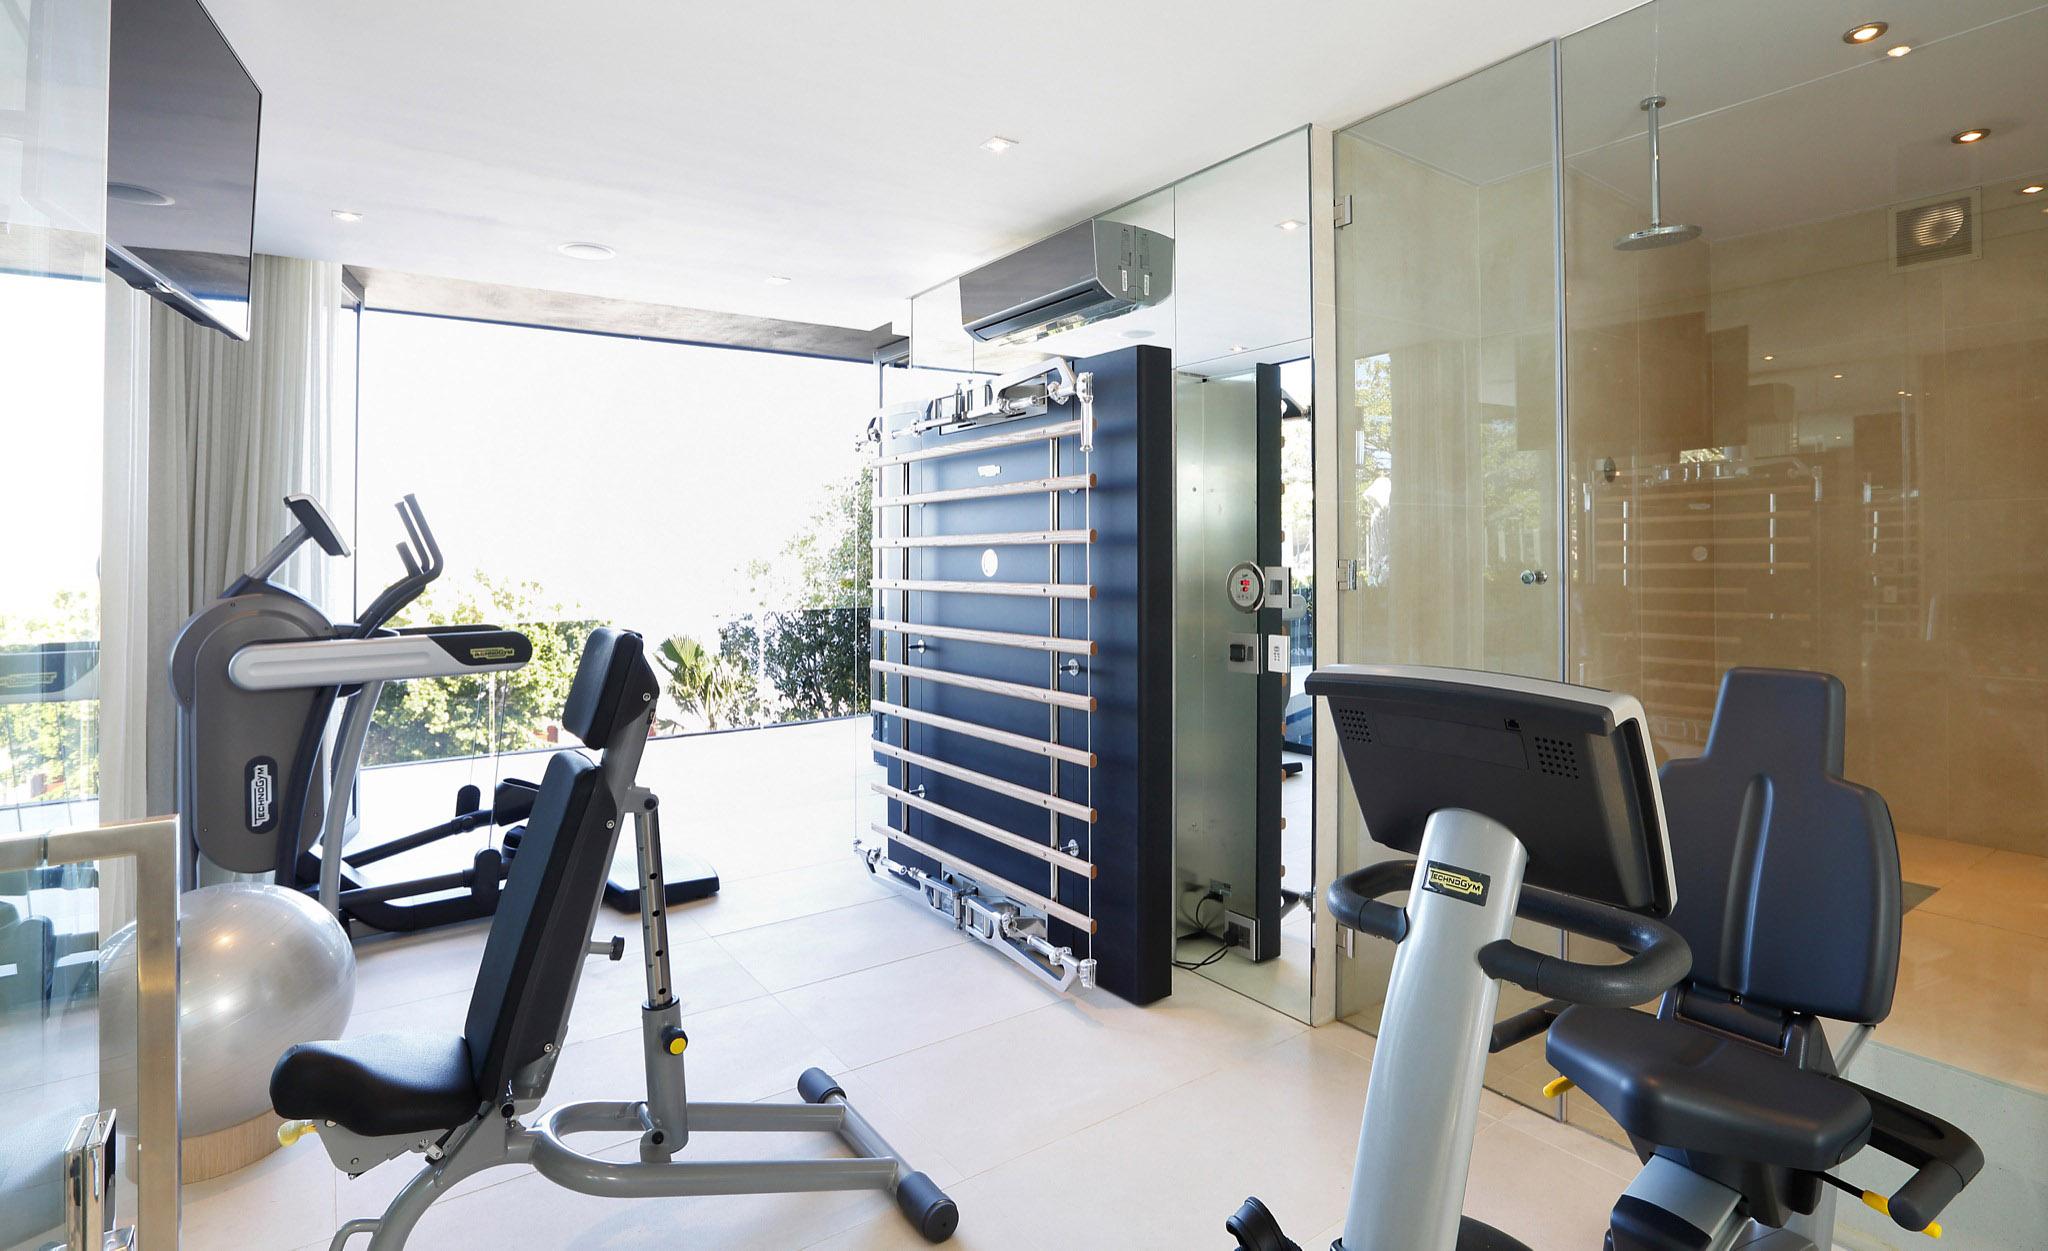 04 gym-1 2048.jpg